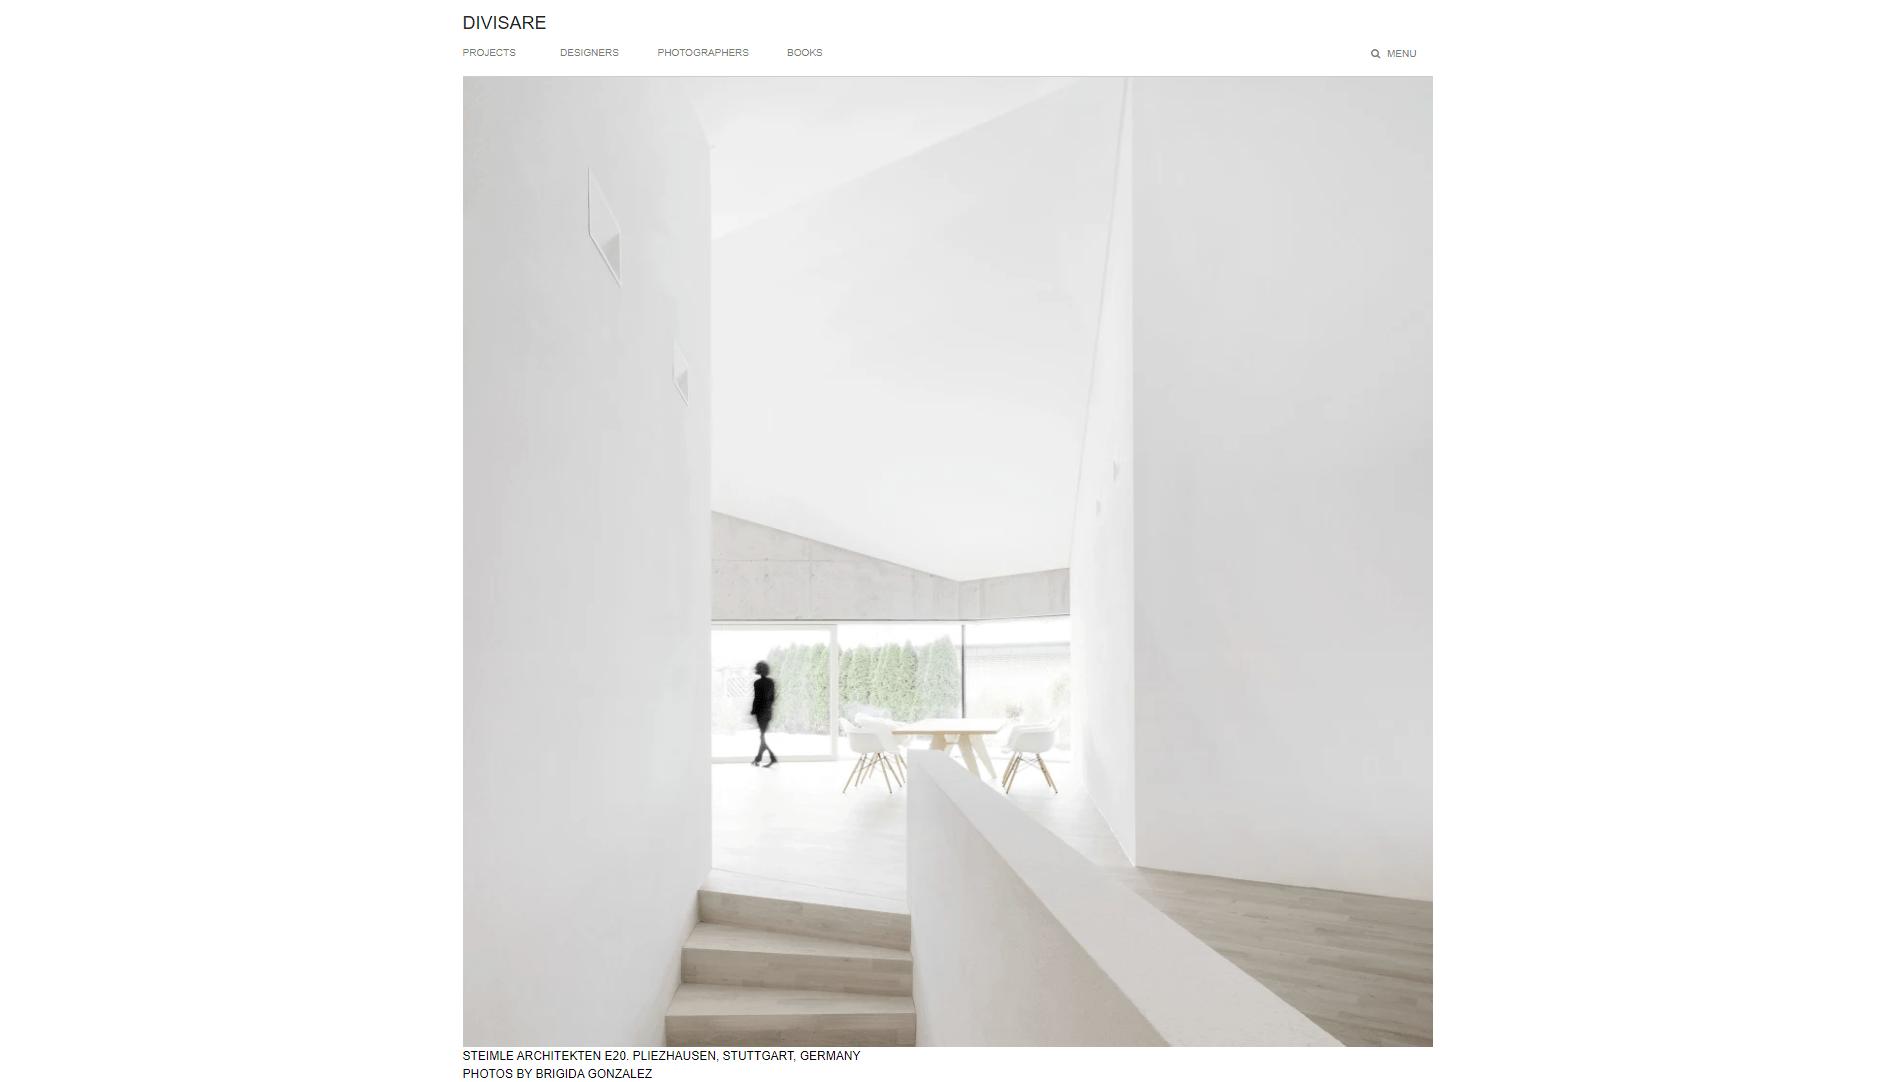 Divisare, sito di architettura nato da una costola di Europaconcorsi nel 2015.